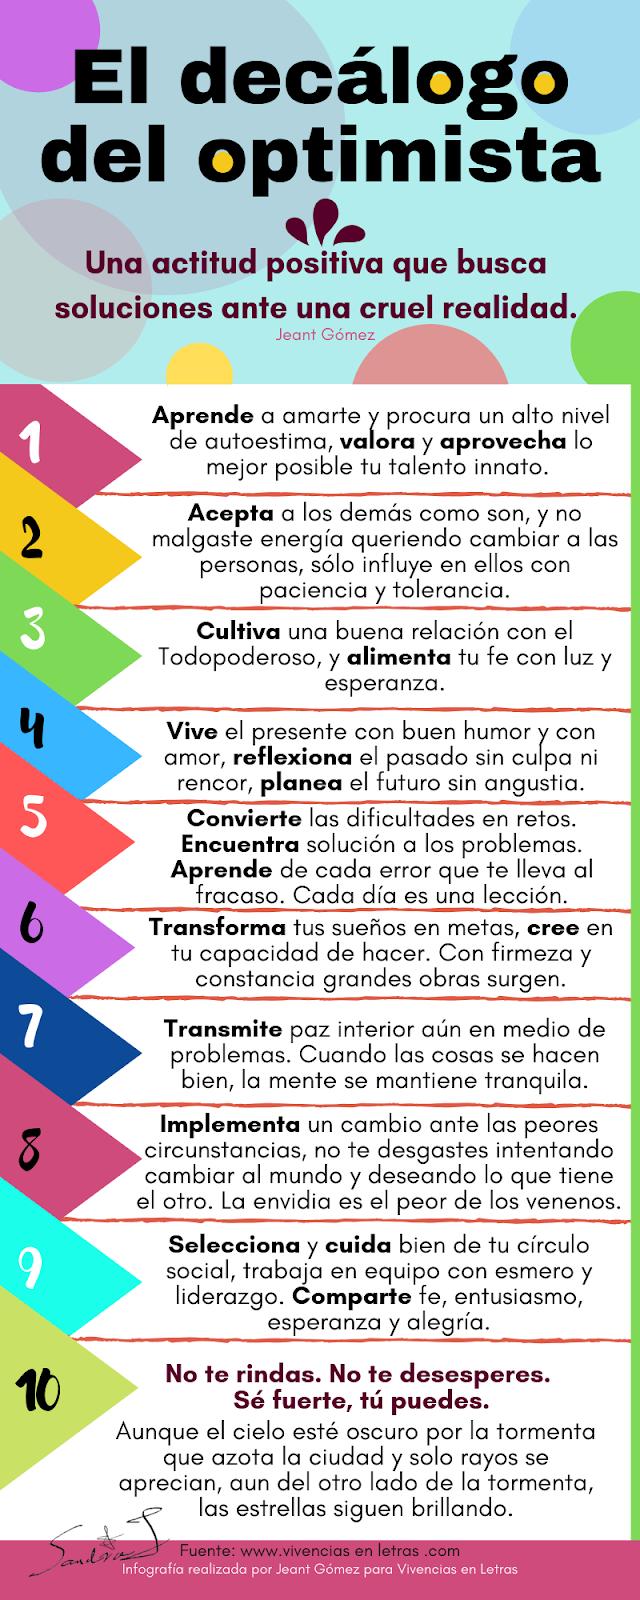 Infografía del decálogo del optimista